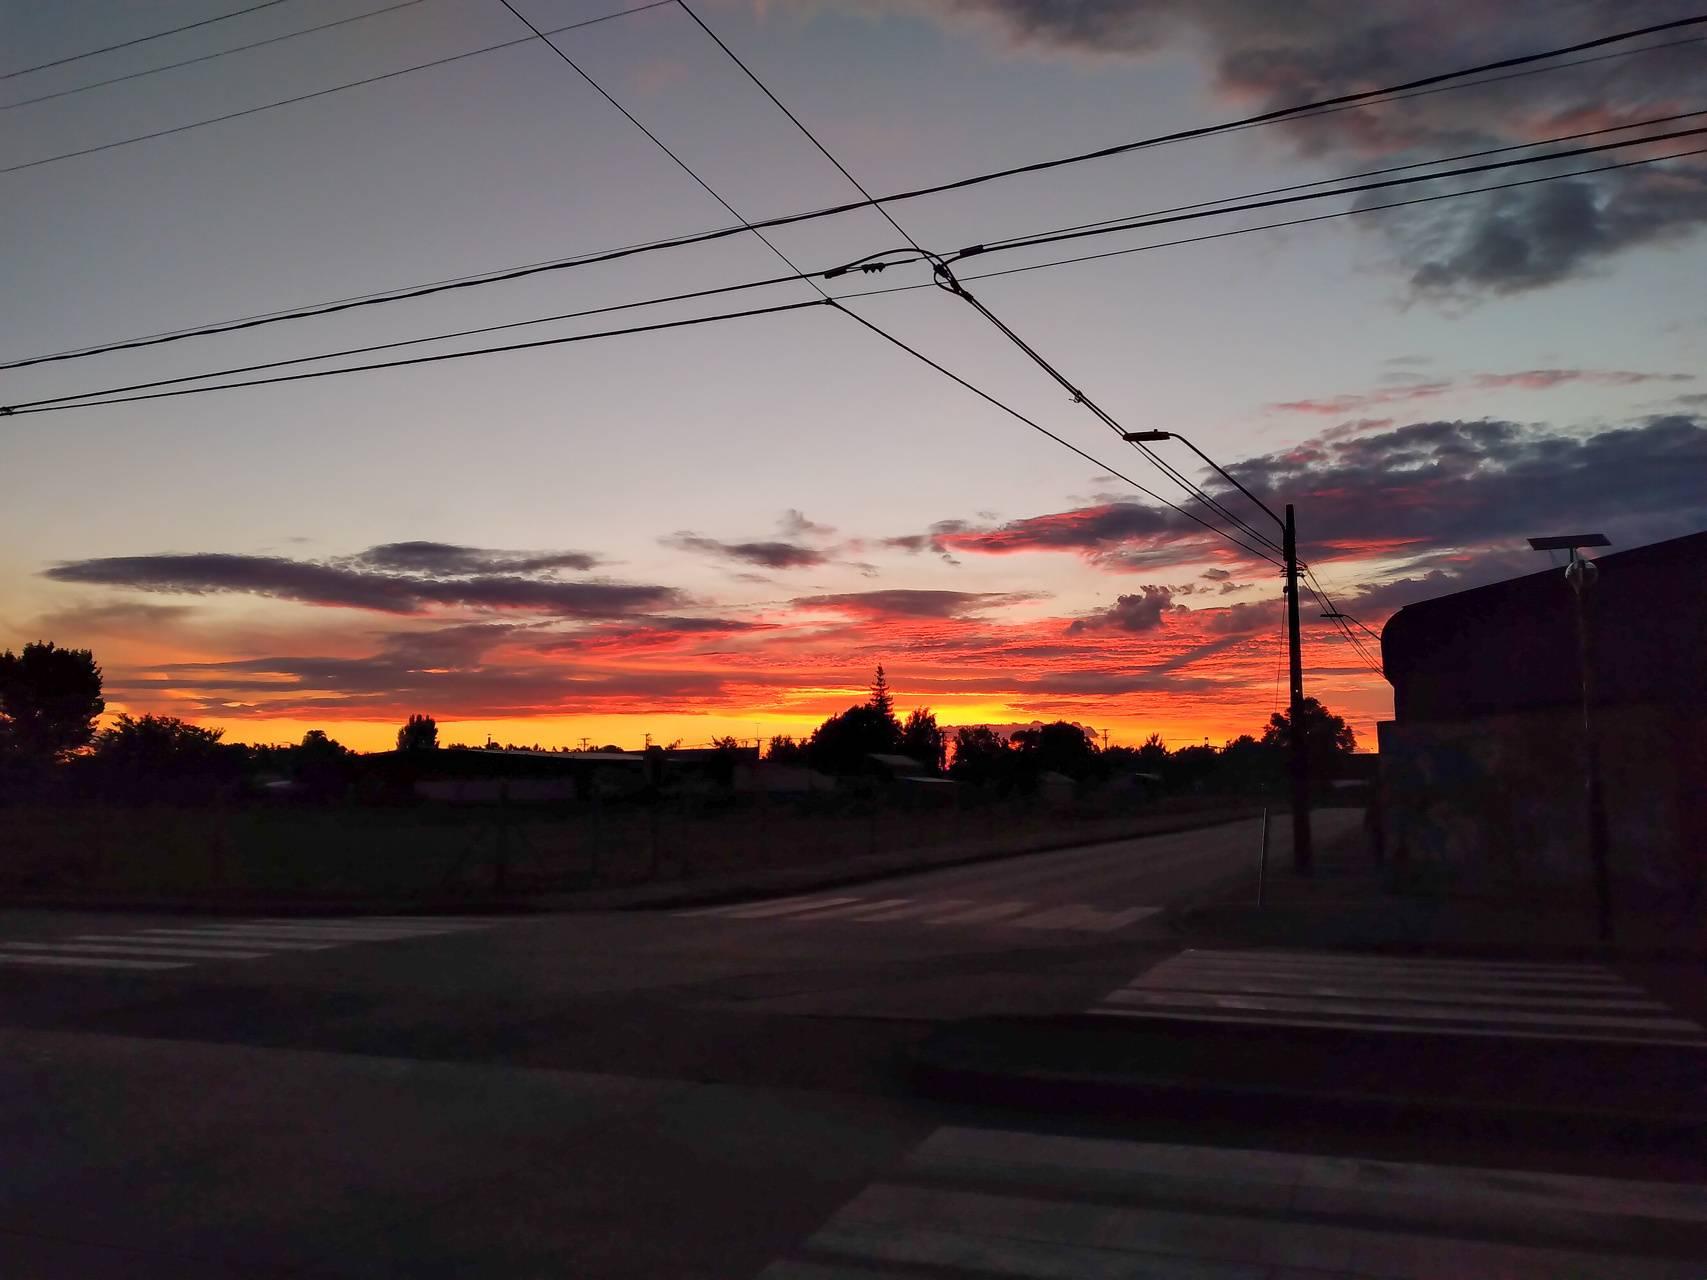 Atardecer sunset